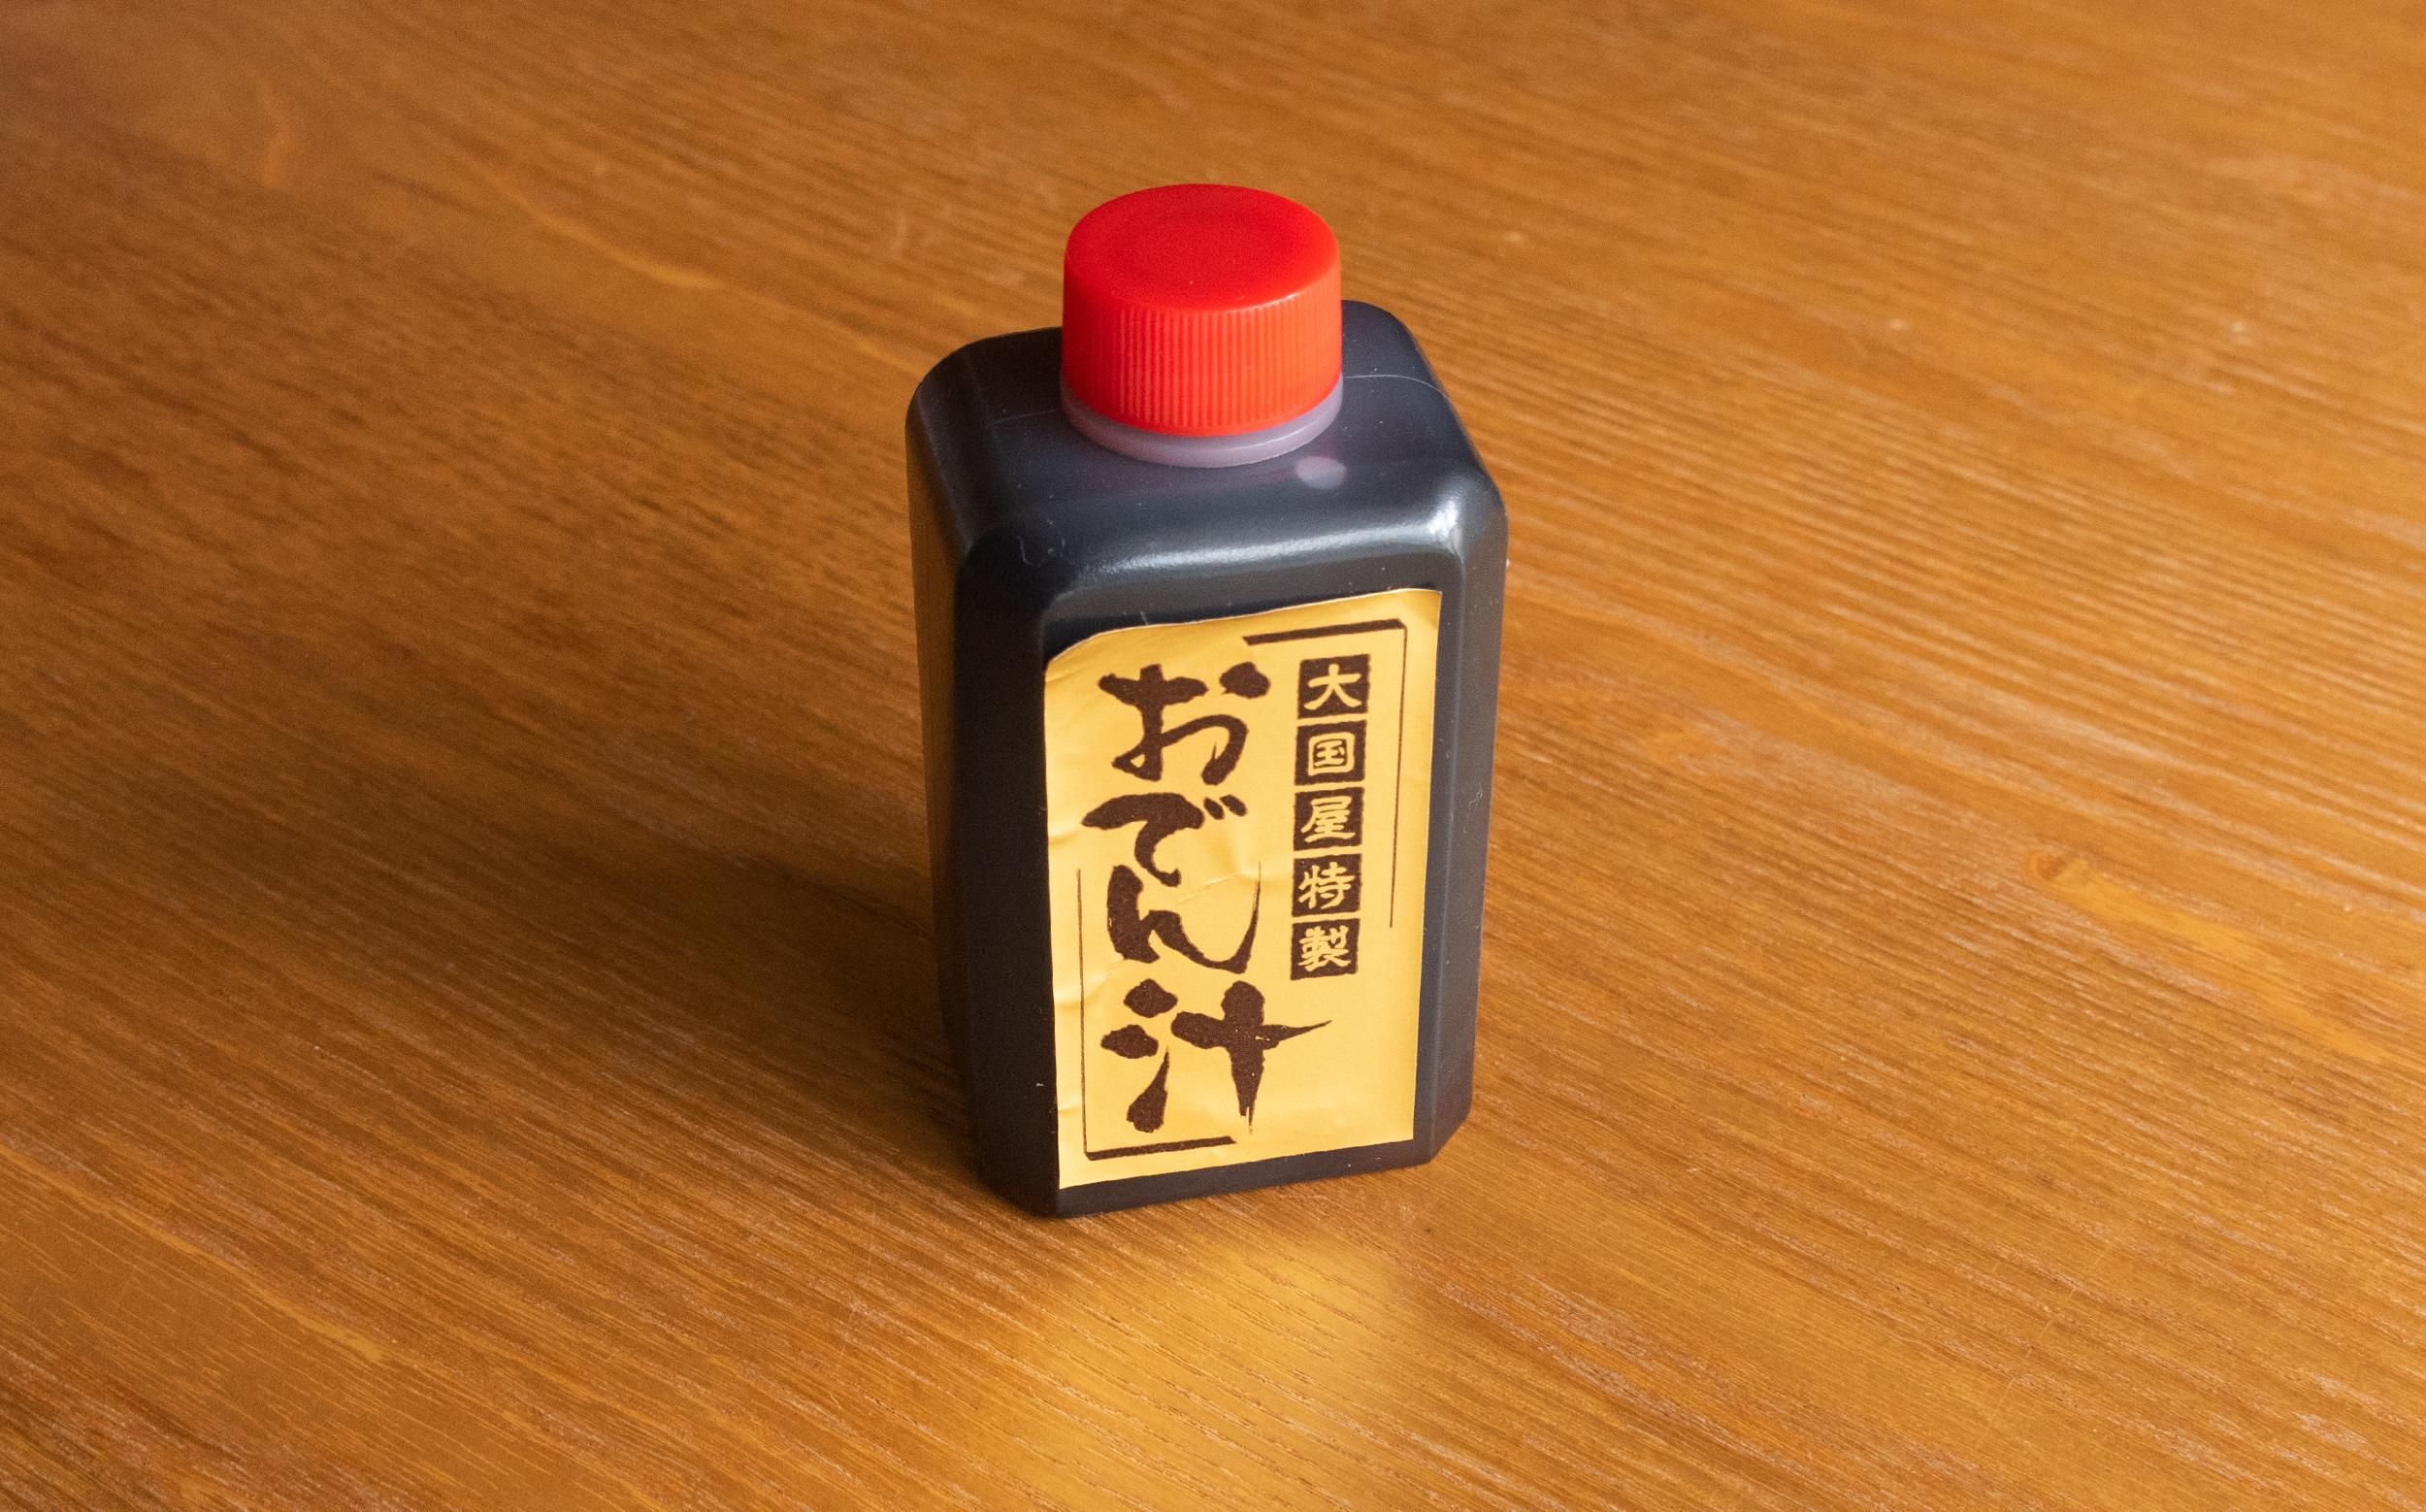 東京都墨田区京島:下町人情キラキラ橘商店街(向島橘銀座商店街):大国屋のおでん汁